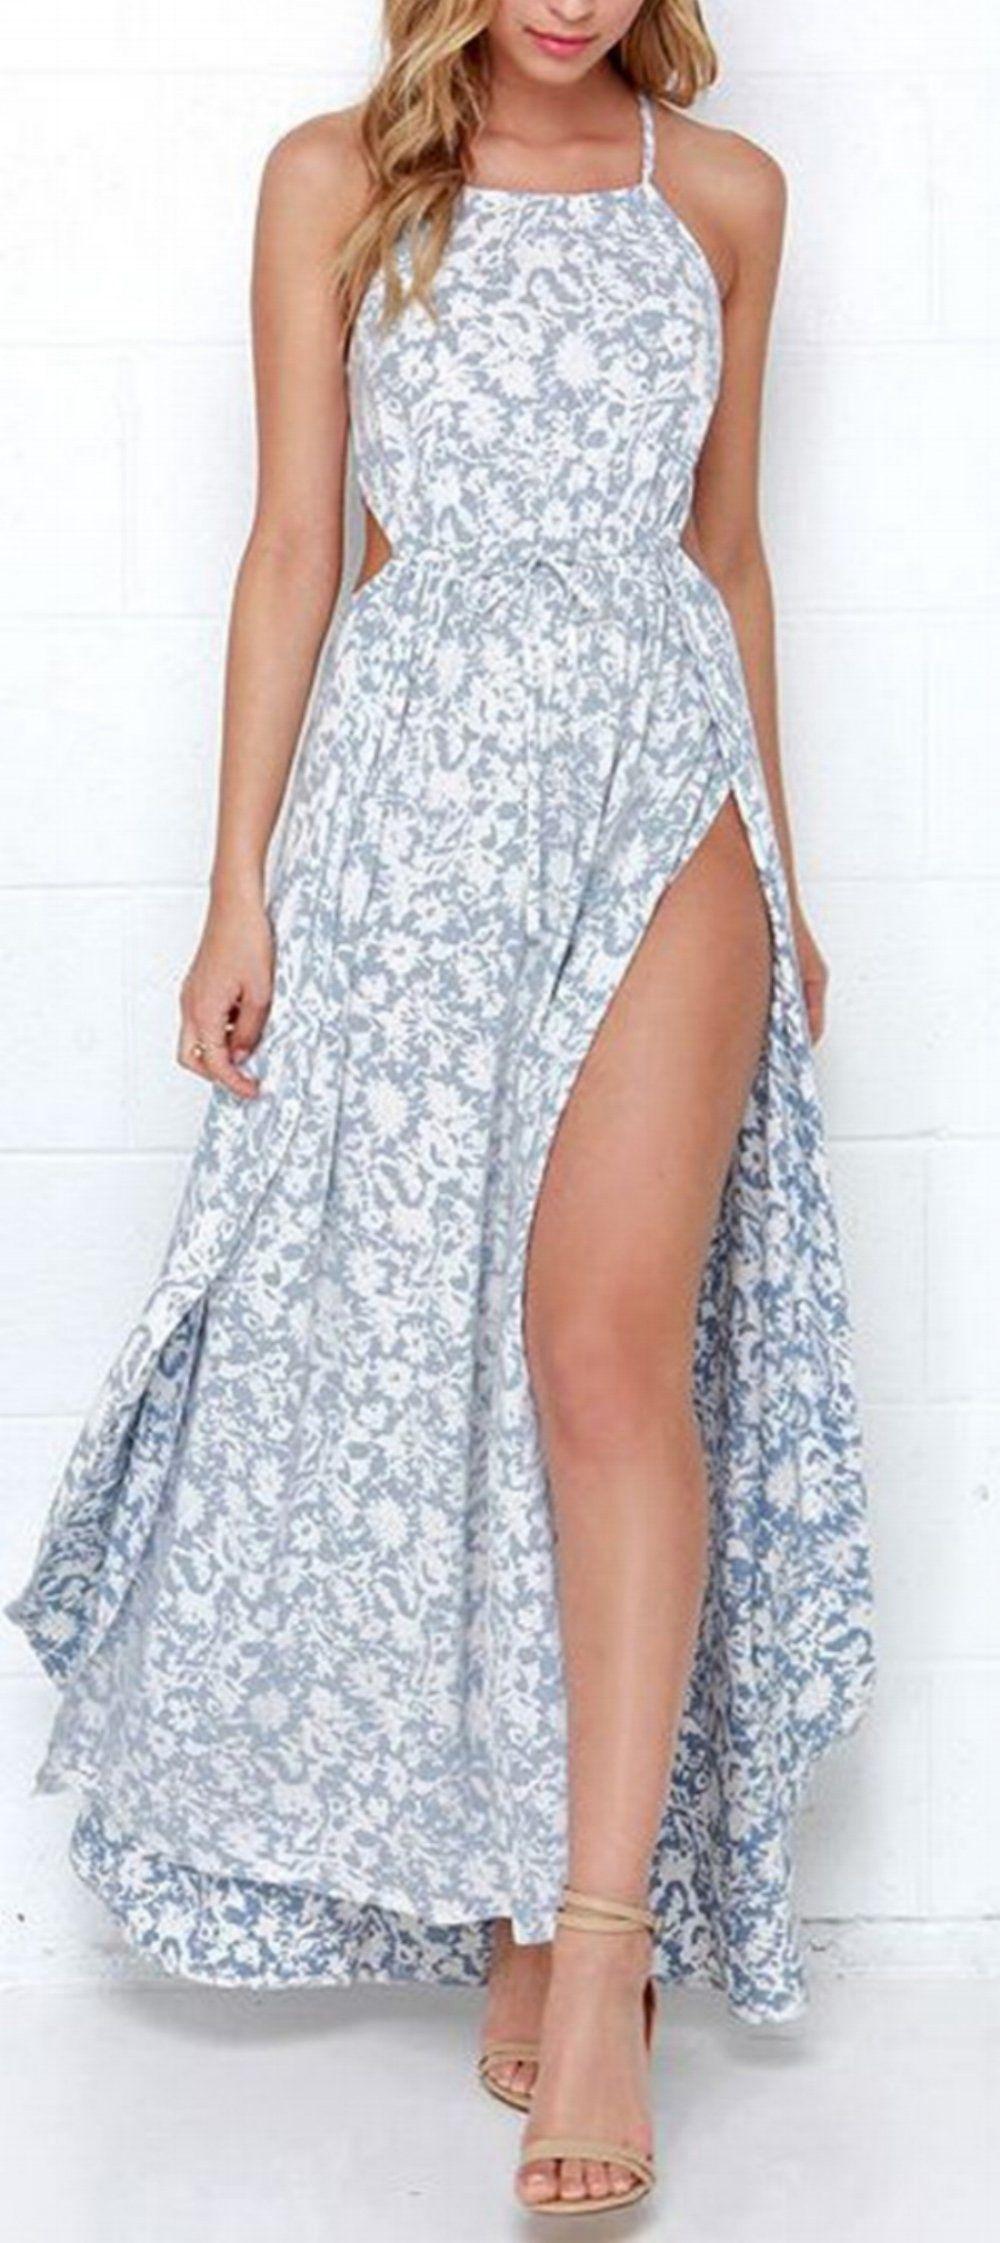 75 Flirty Summer Dresses To Copy Now | Stil und Kleider